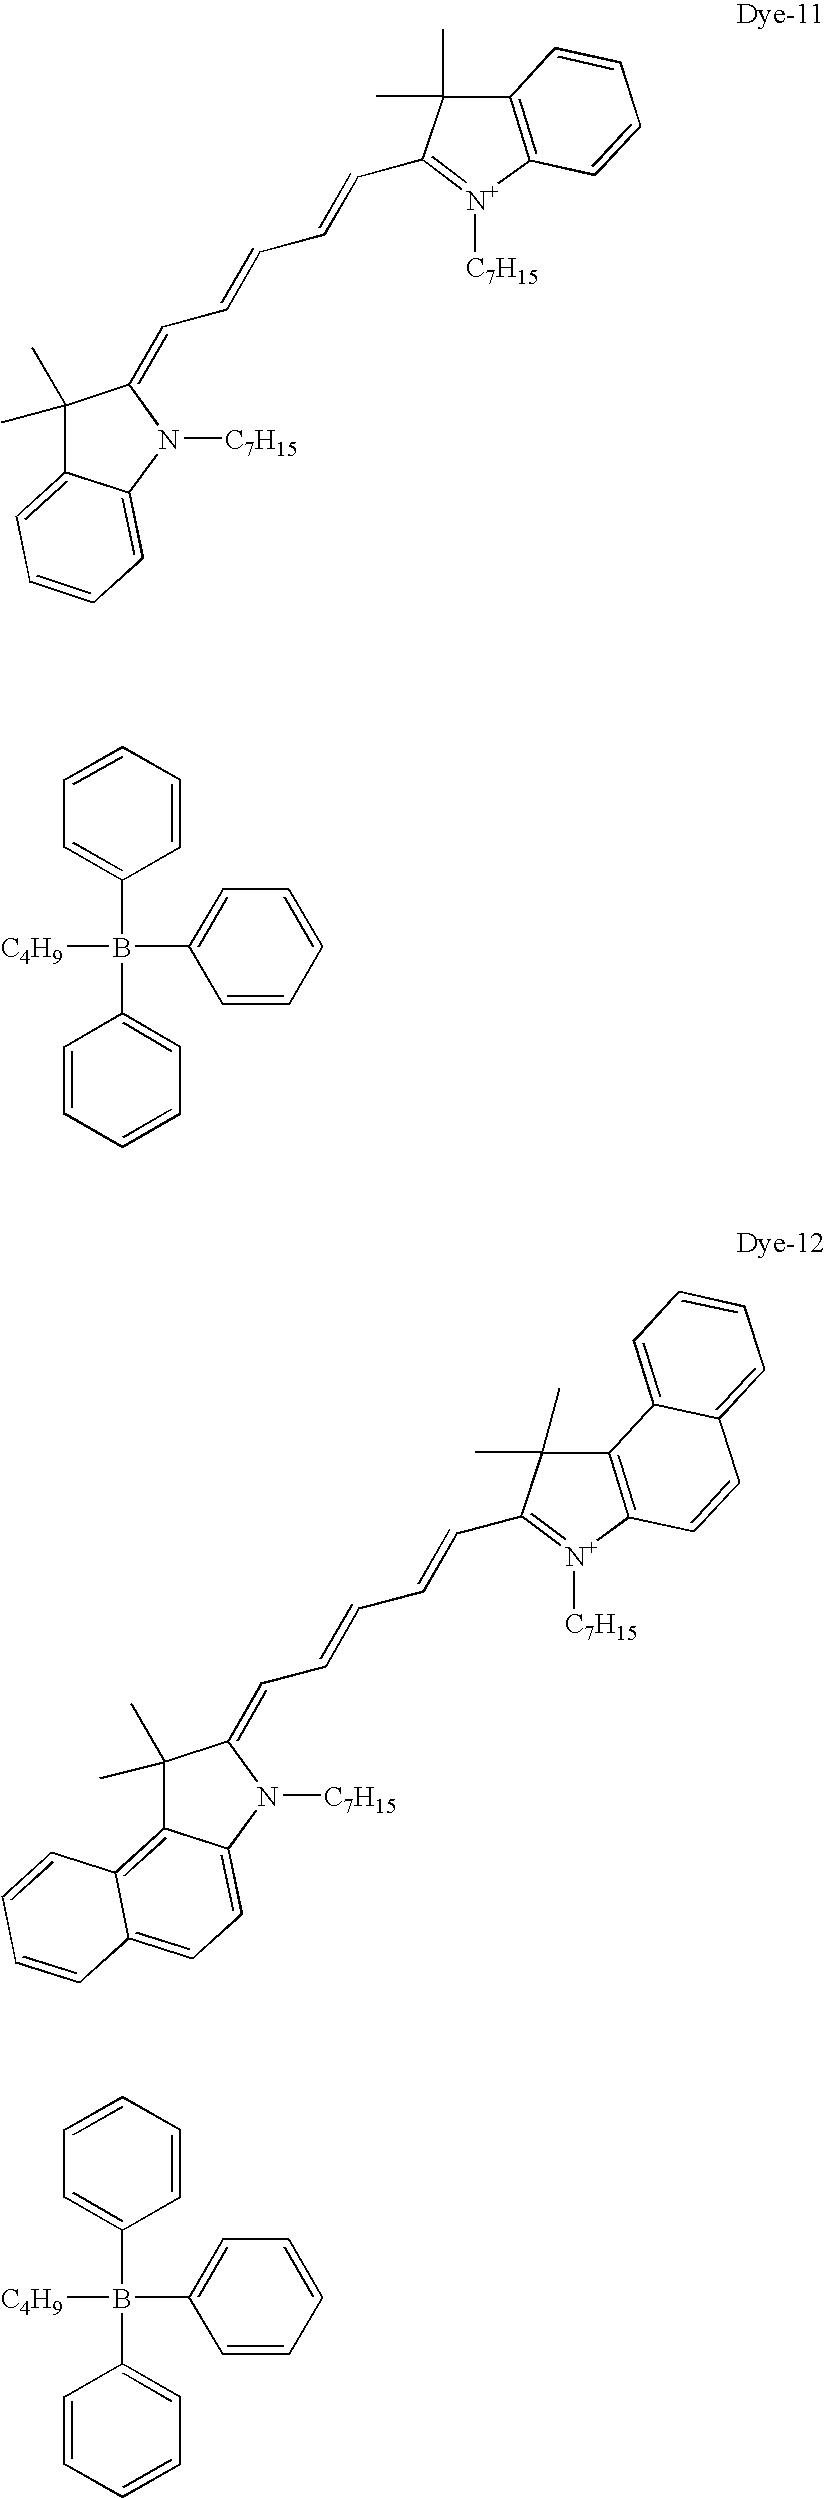 Figure US20050084790A1-20050421-C00006